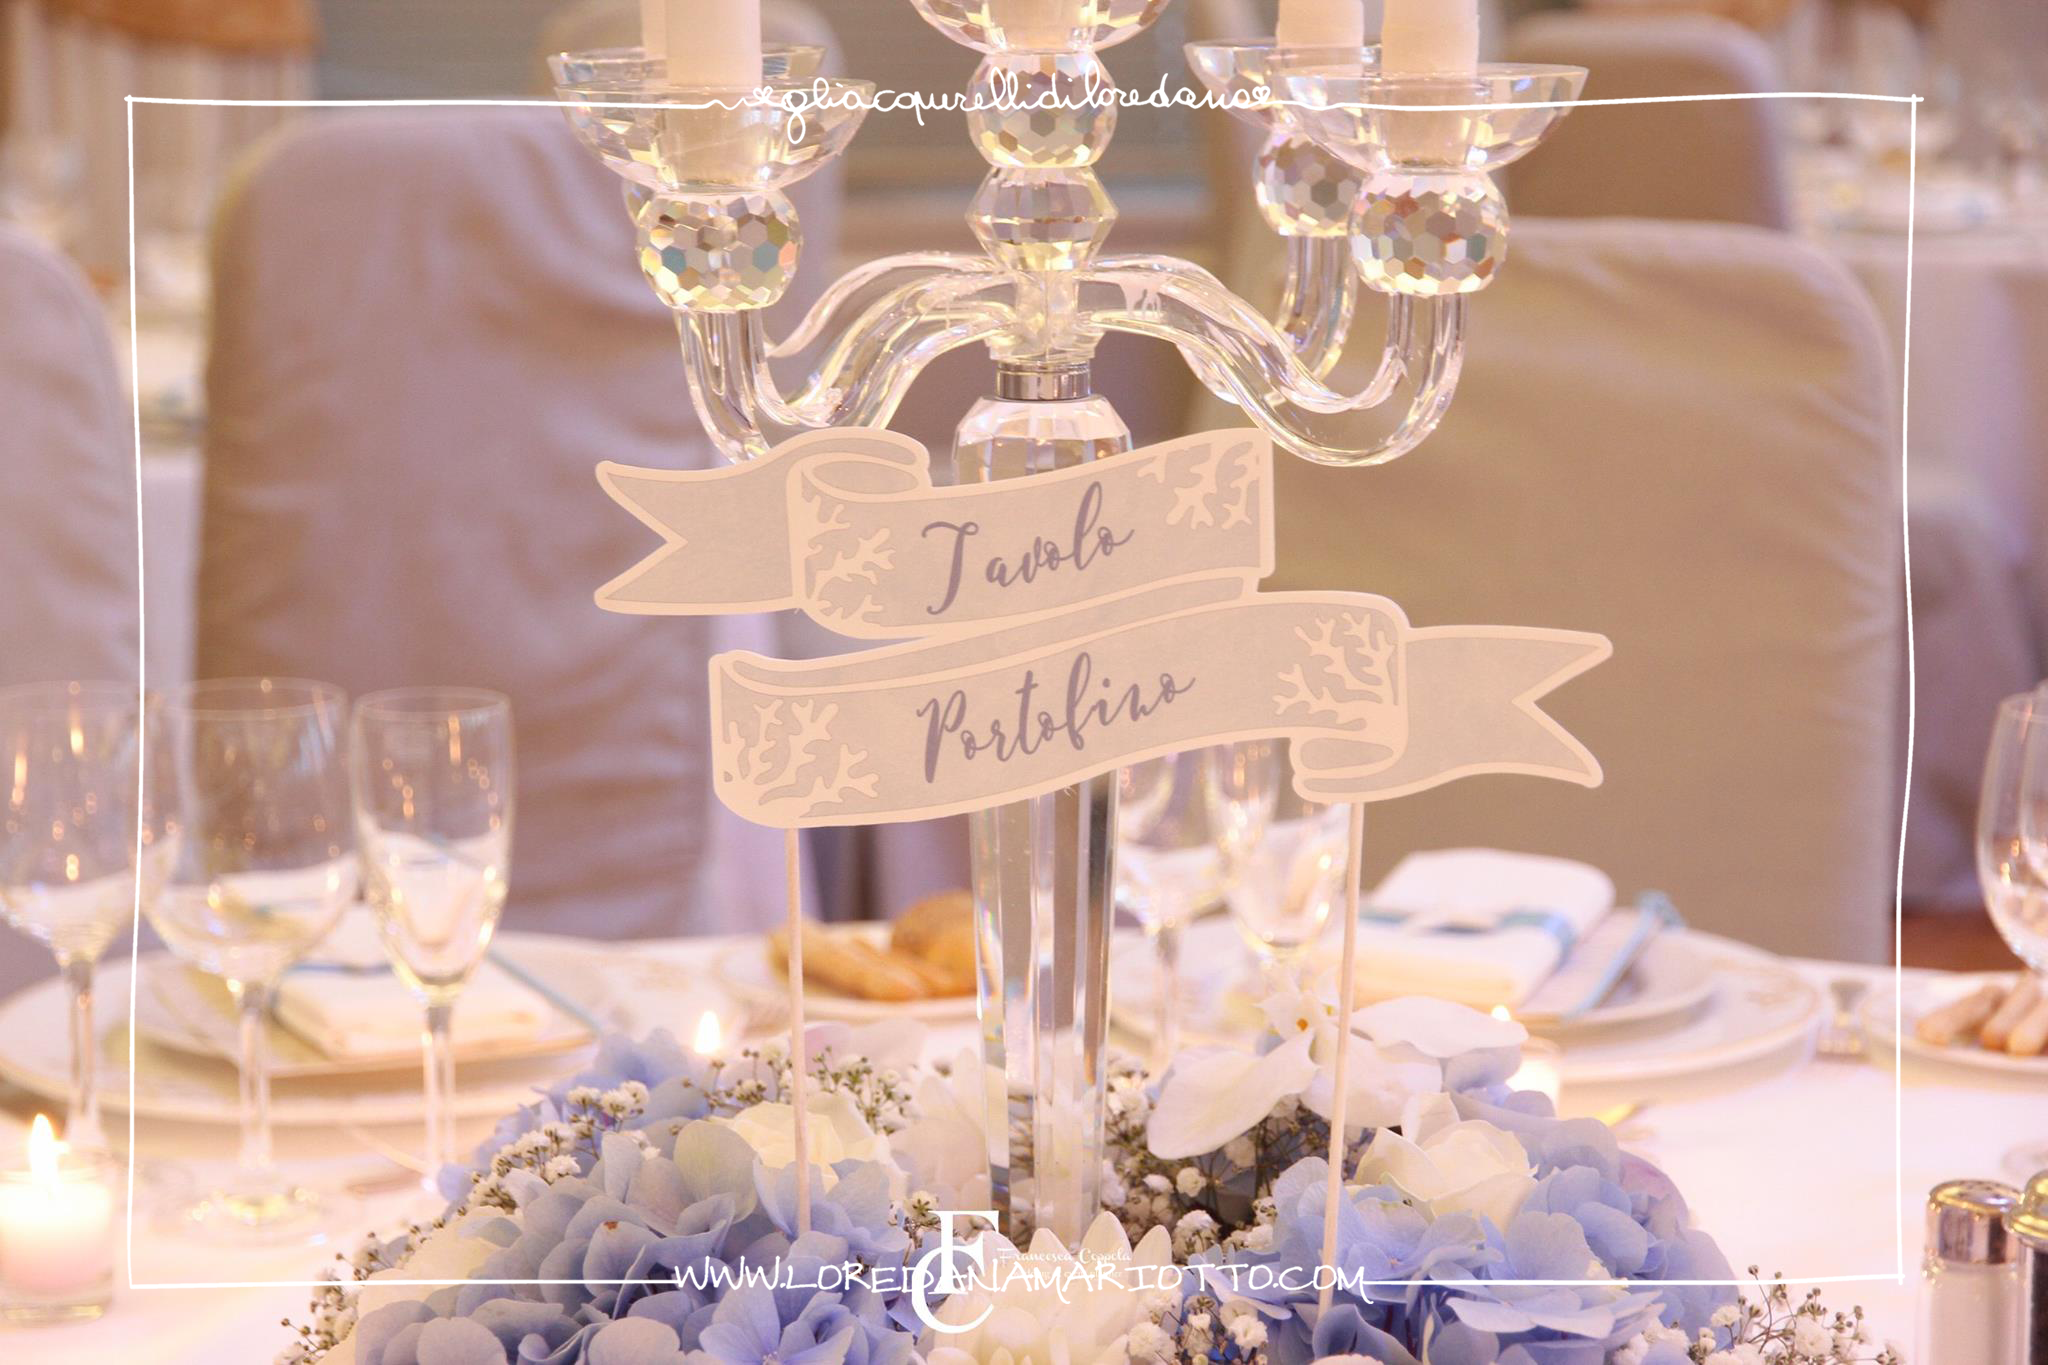 Tavolo Matrimonio ~ Segna tavolo matrimonio a tema mare e coralli table signs sea